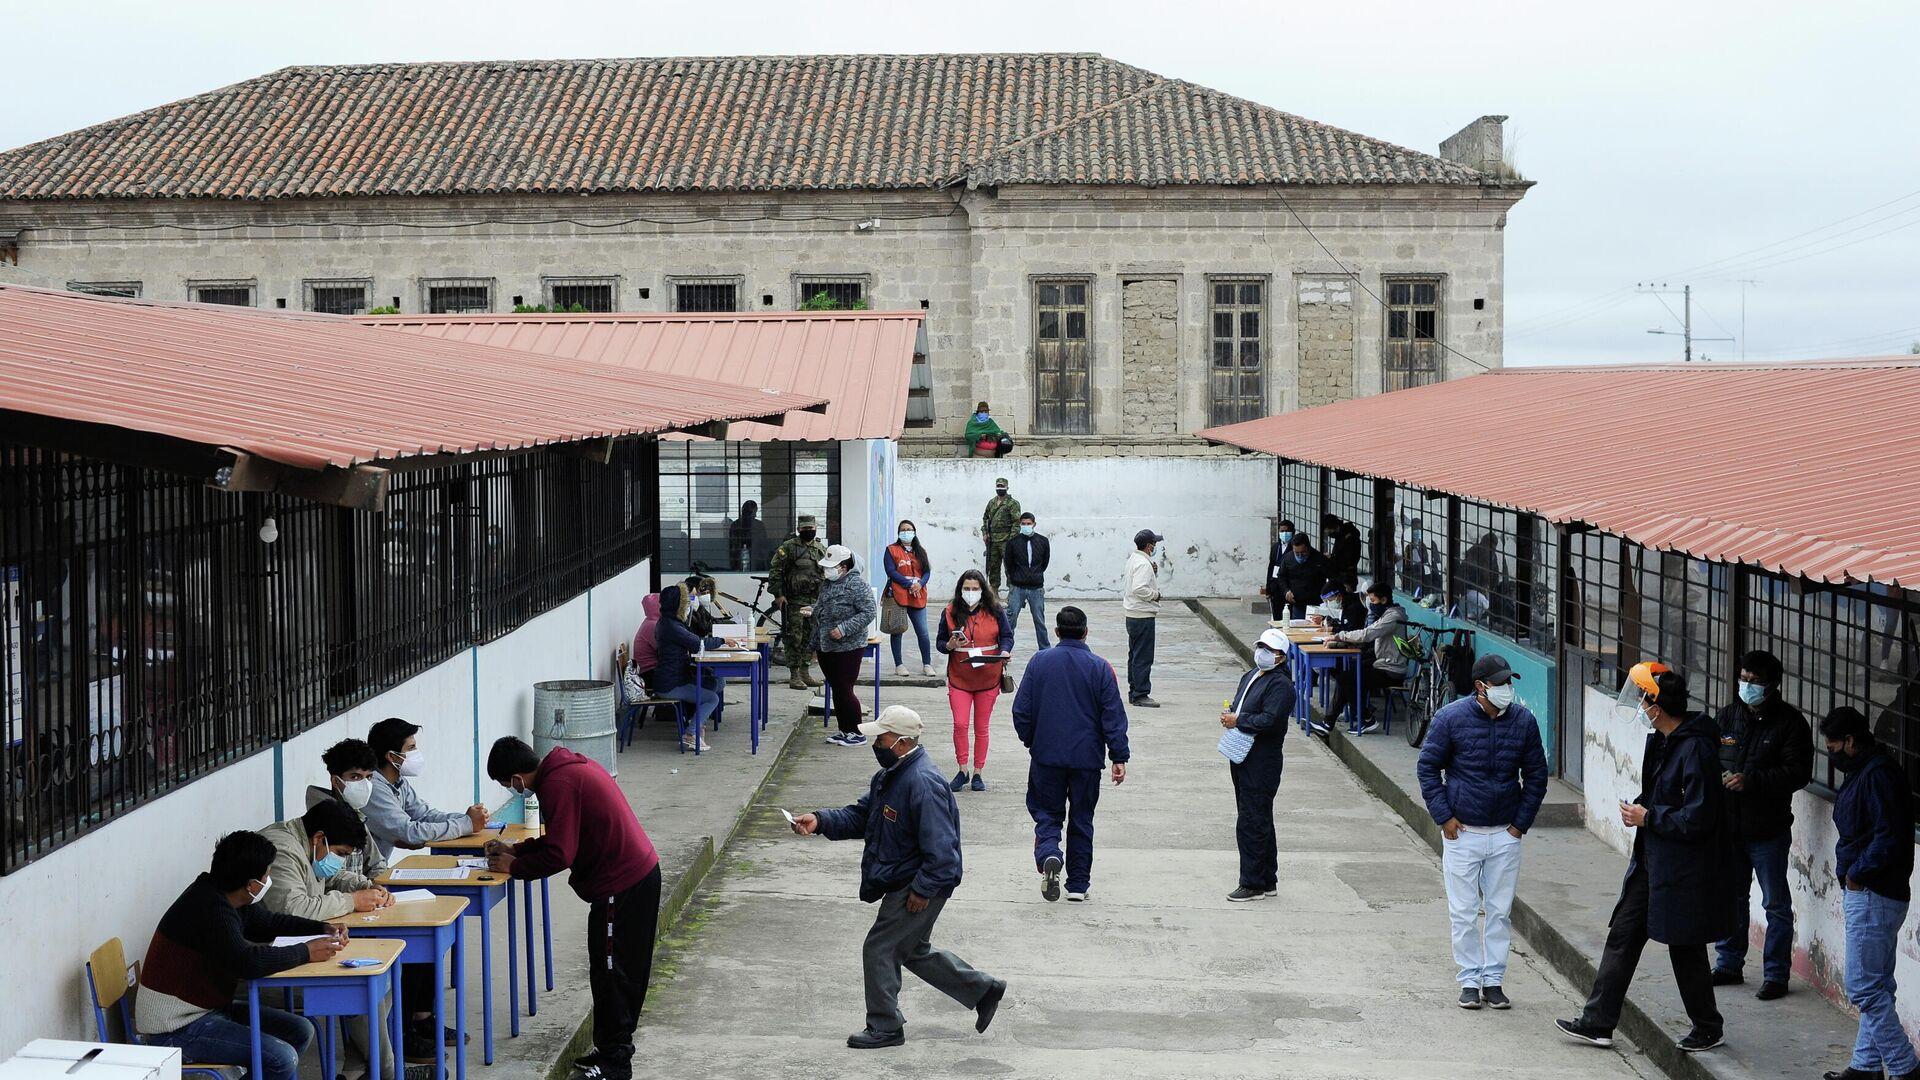 Los ecuatorianos votan en las elecciones presidenciales de Perú, el 11 de abril de 2021 - Sputnik Mundo, 1920, 11.04.2021